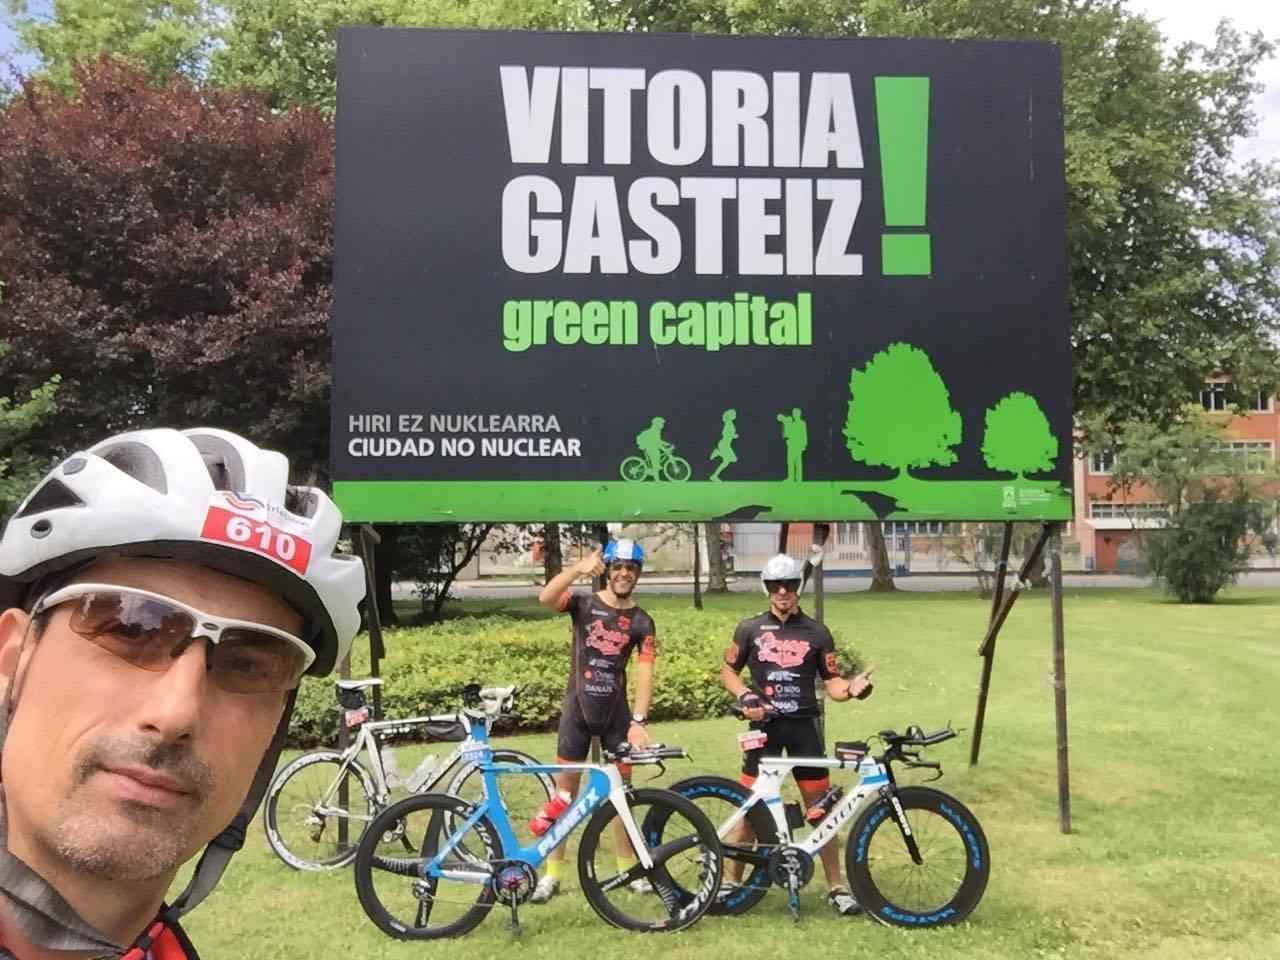 Triathlon Half et Full IM de Vitoria-Gasteiz et 321!